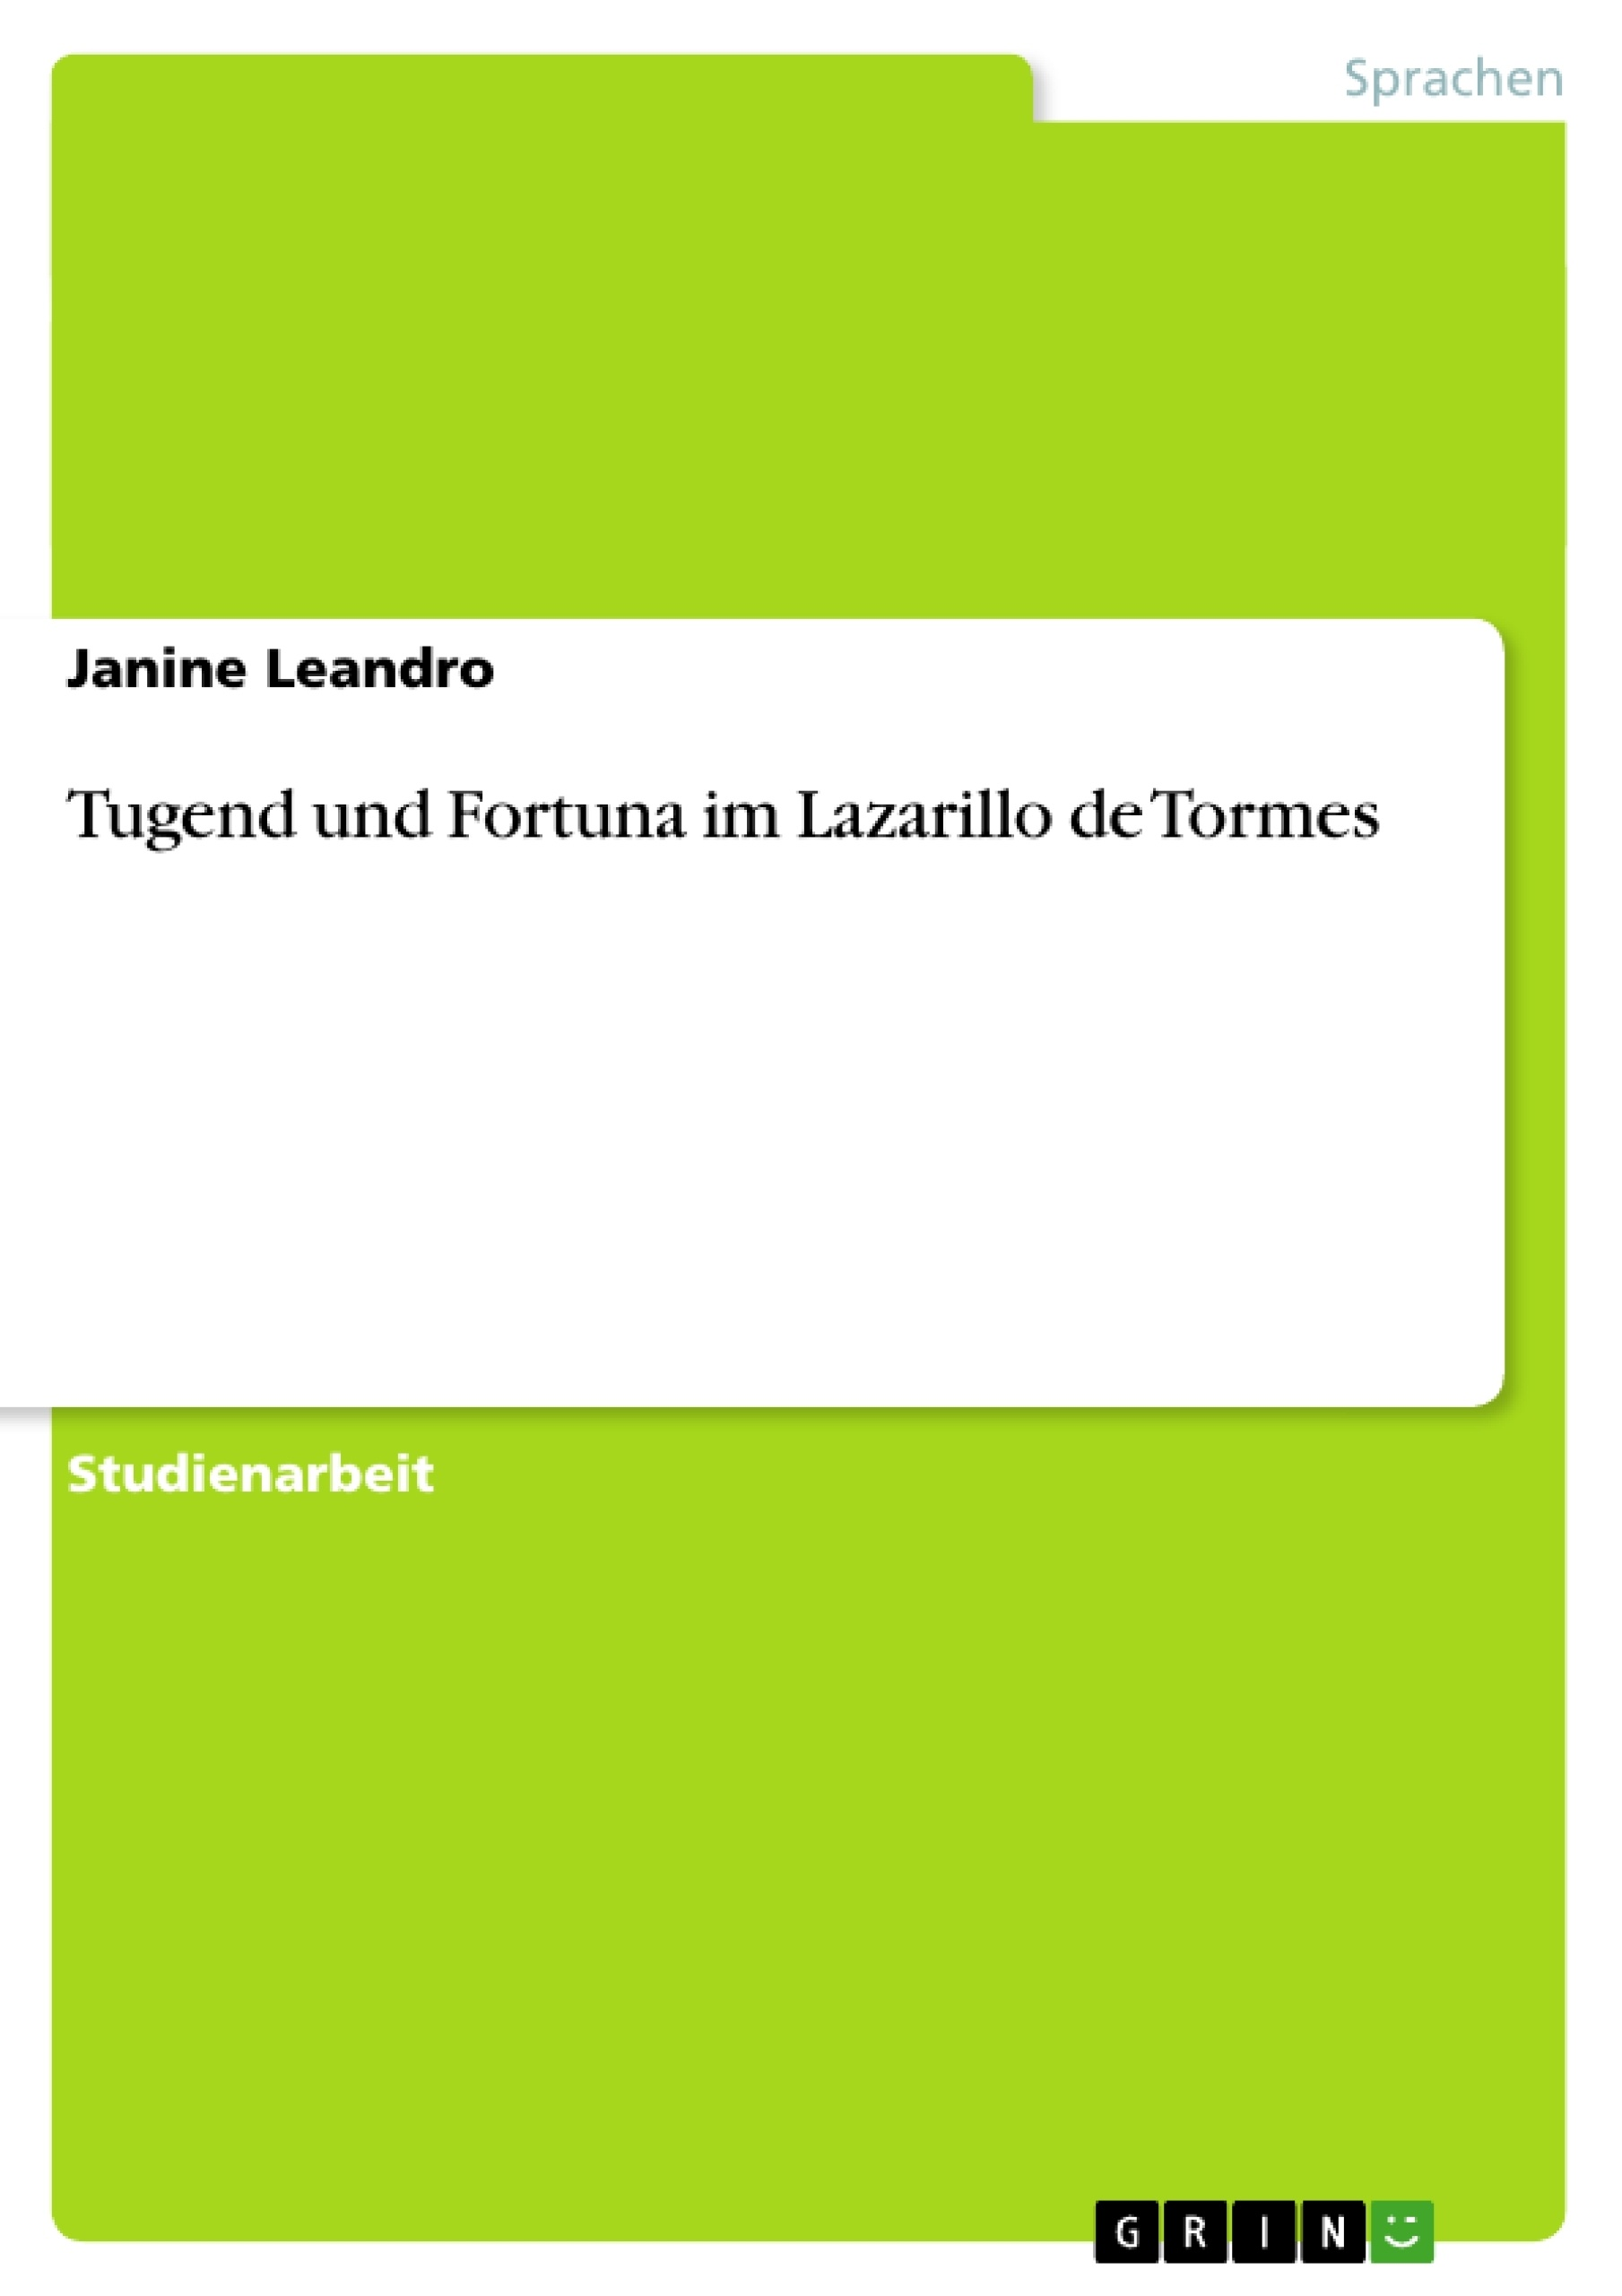 Titel: Tugend und Fortuna im Lazarillo de Tormes